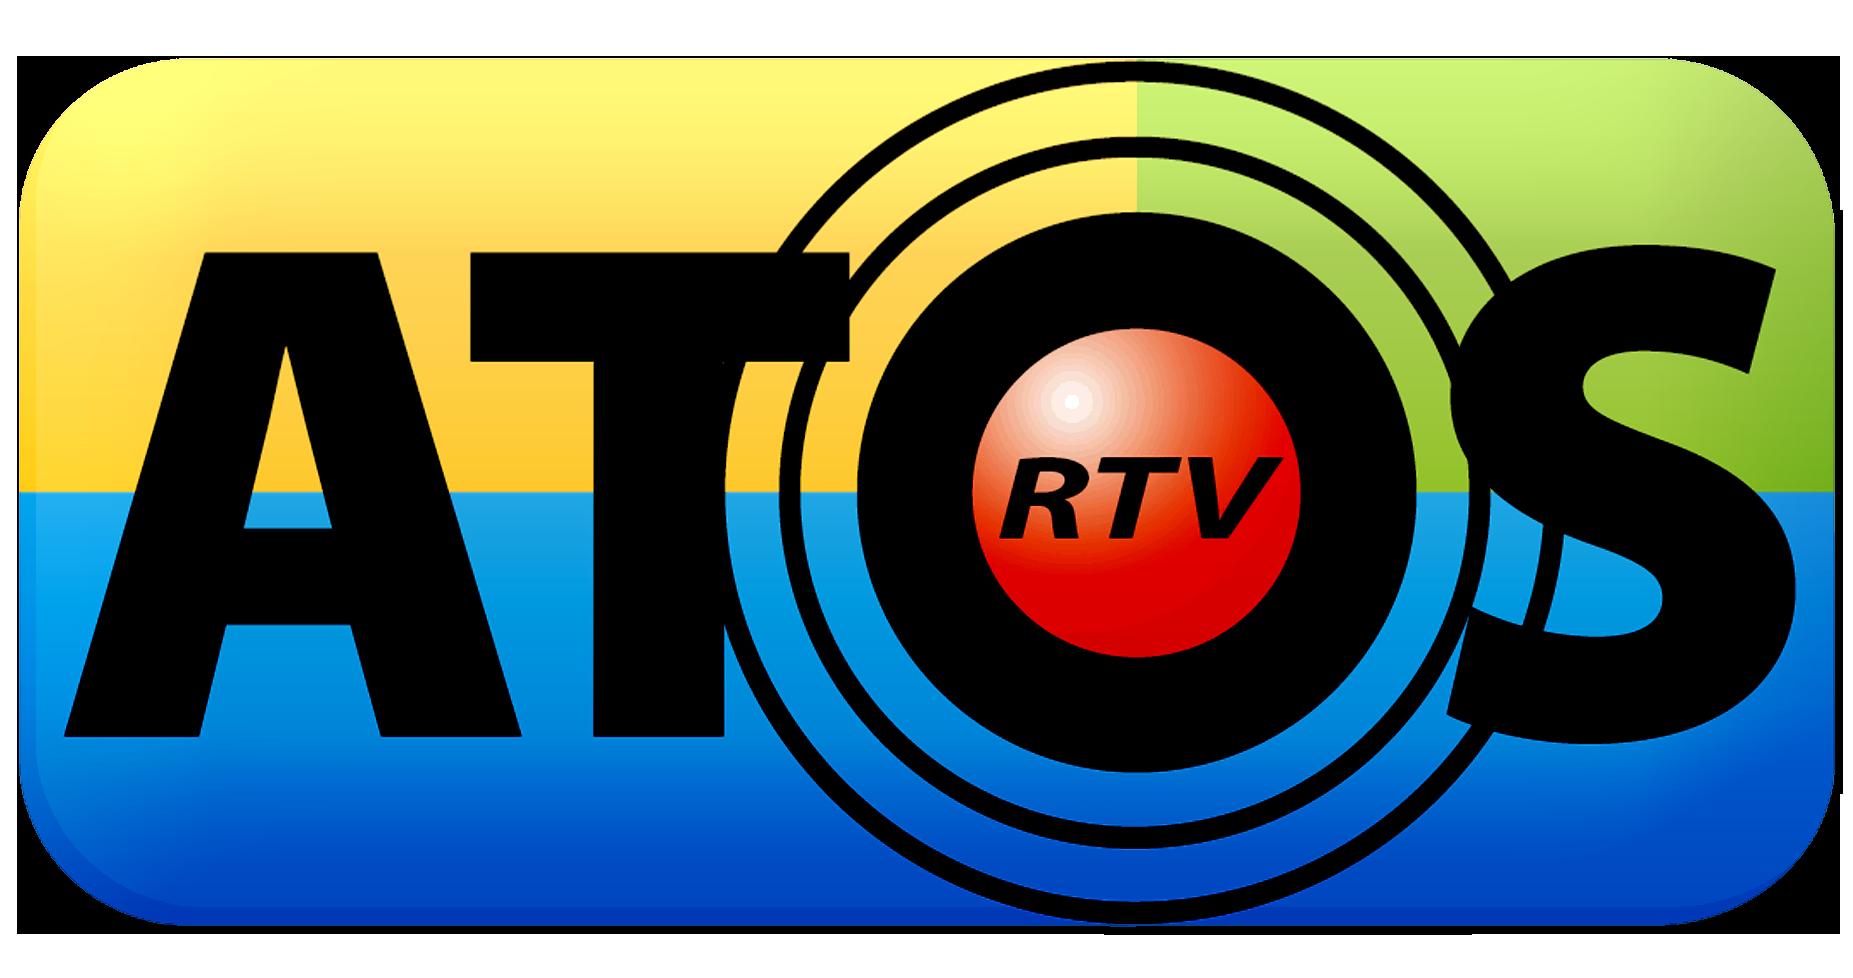 Atos Logo PNG - 39297